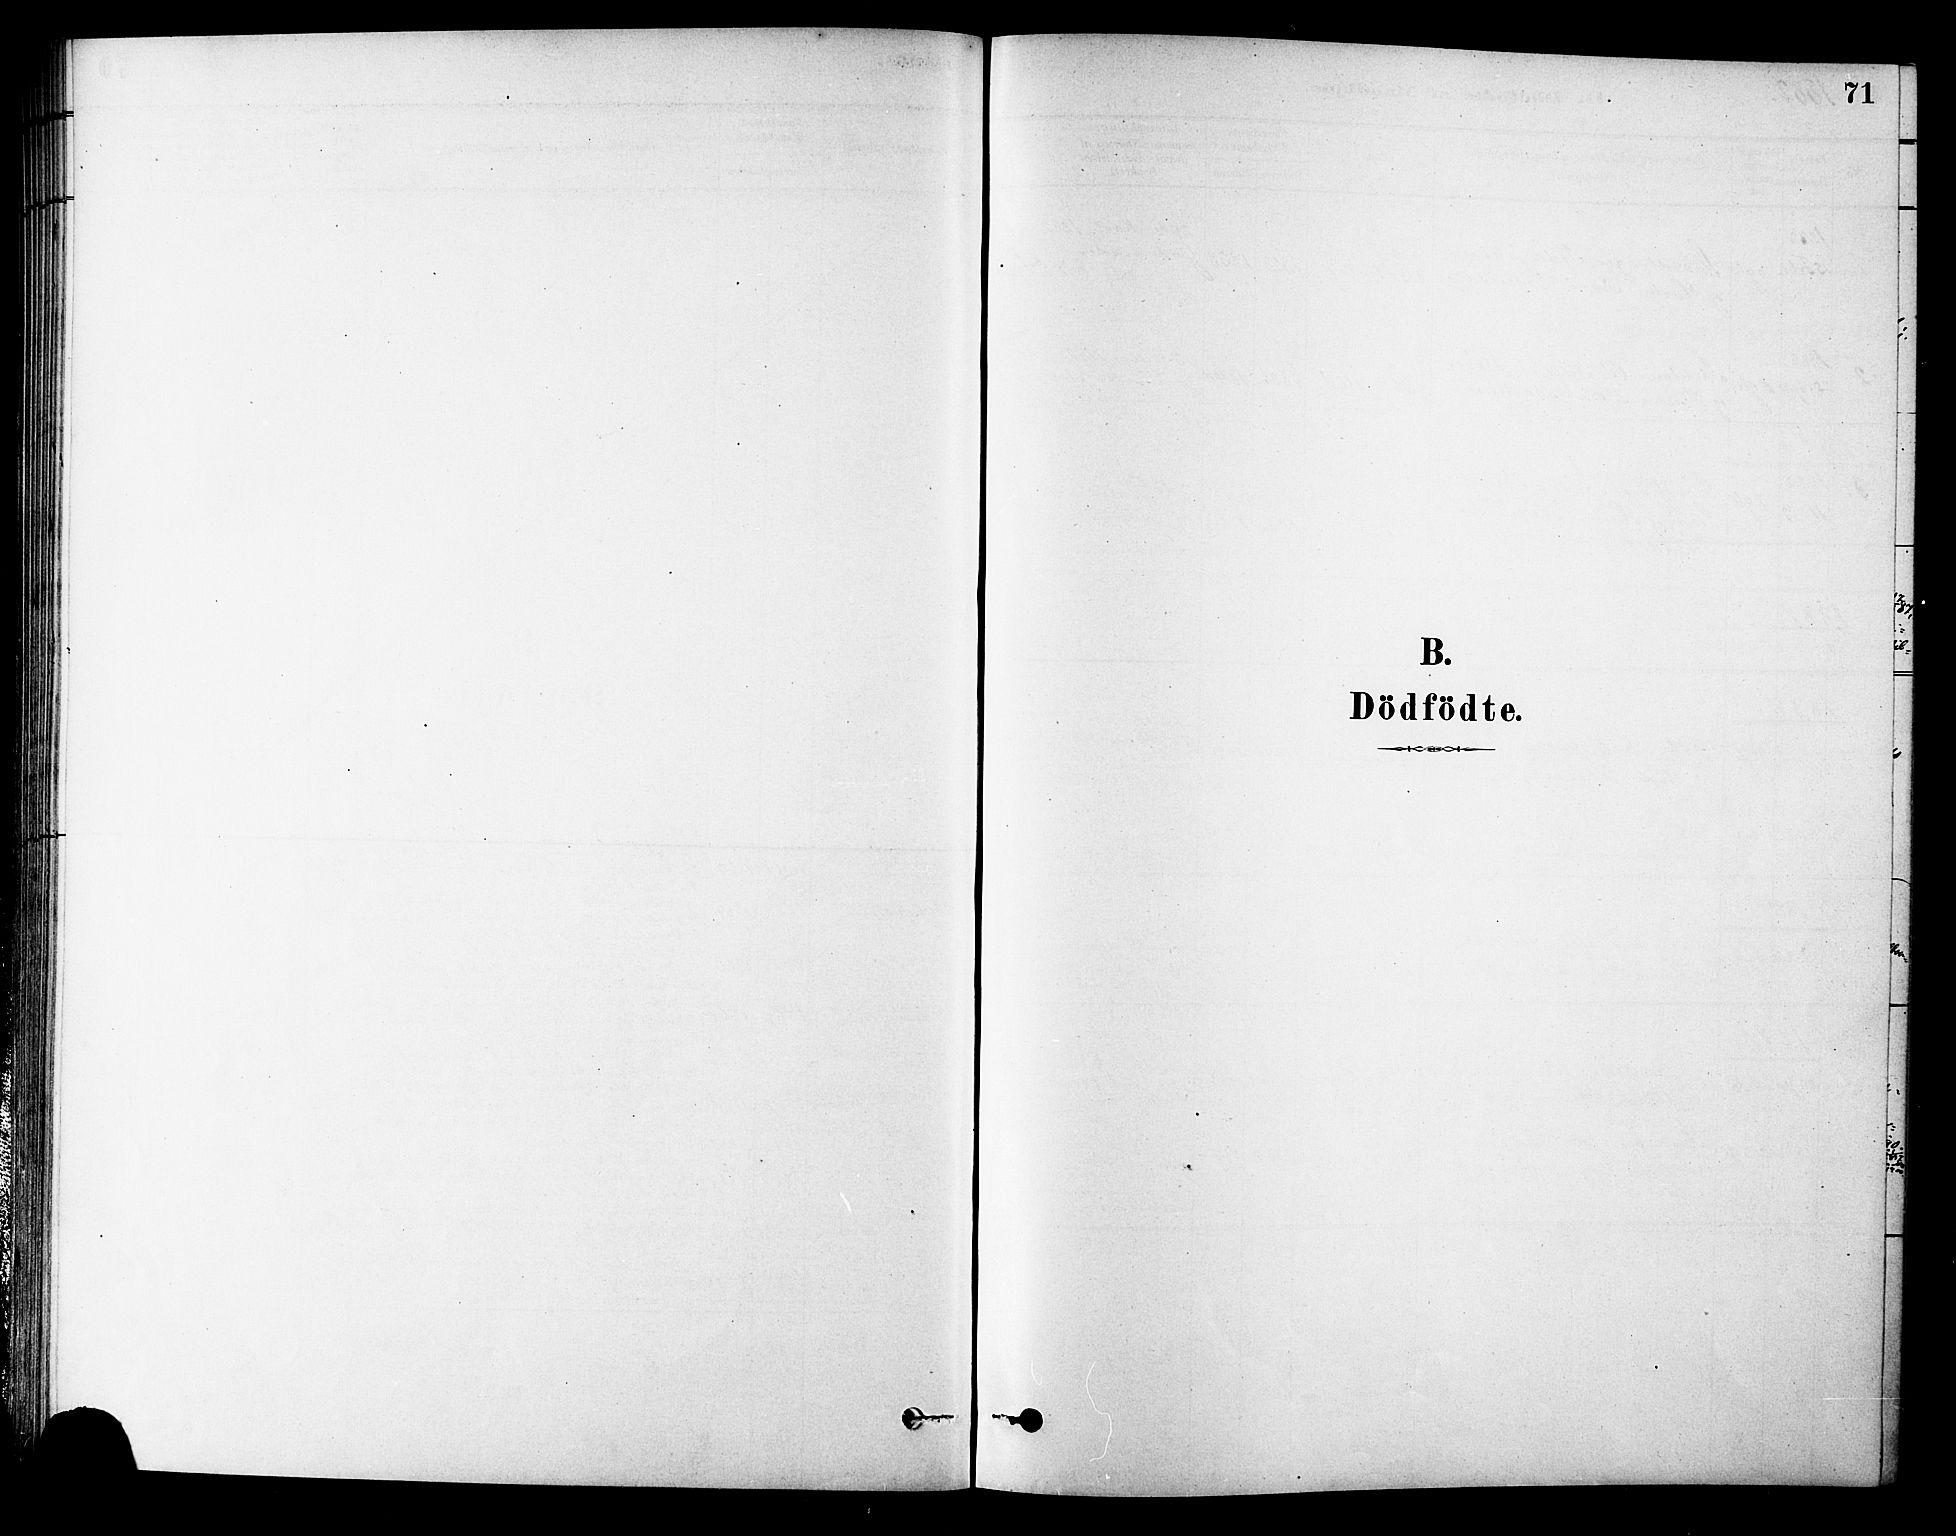 SAT, Ministerialprotokoller, klokkerbøker og fødselsregistre - Sør-Trøndelag, 686/L0983: Ministerialbok nr. 686A01, 1879-1890, s. 71